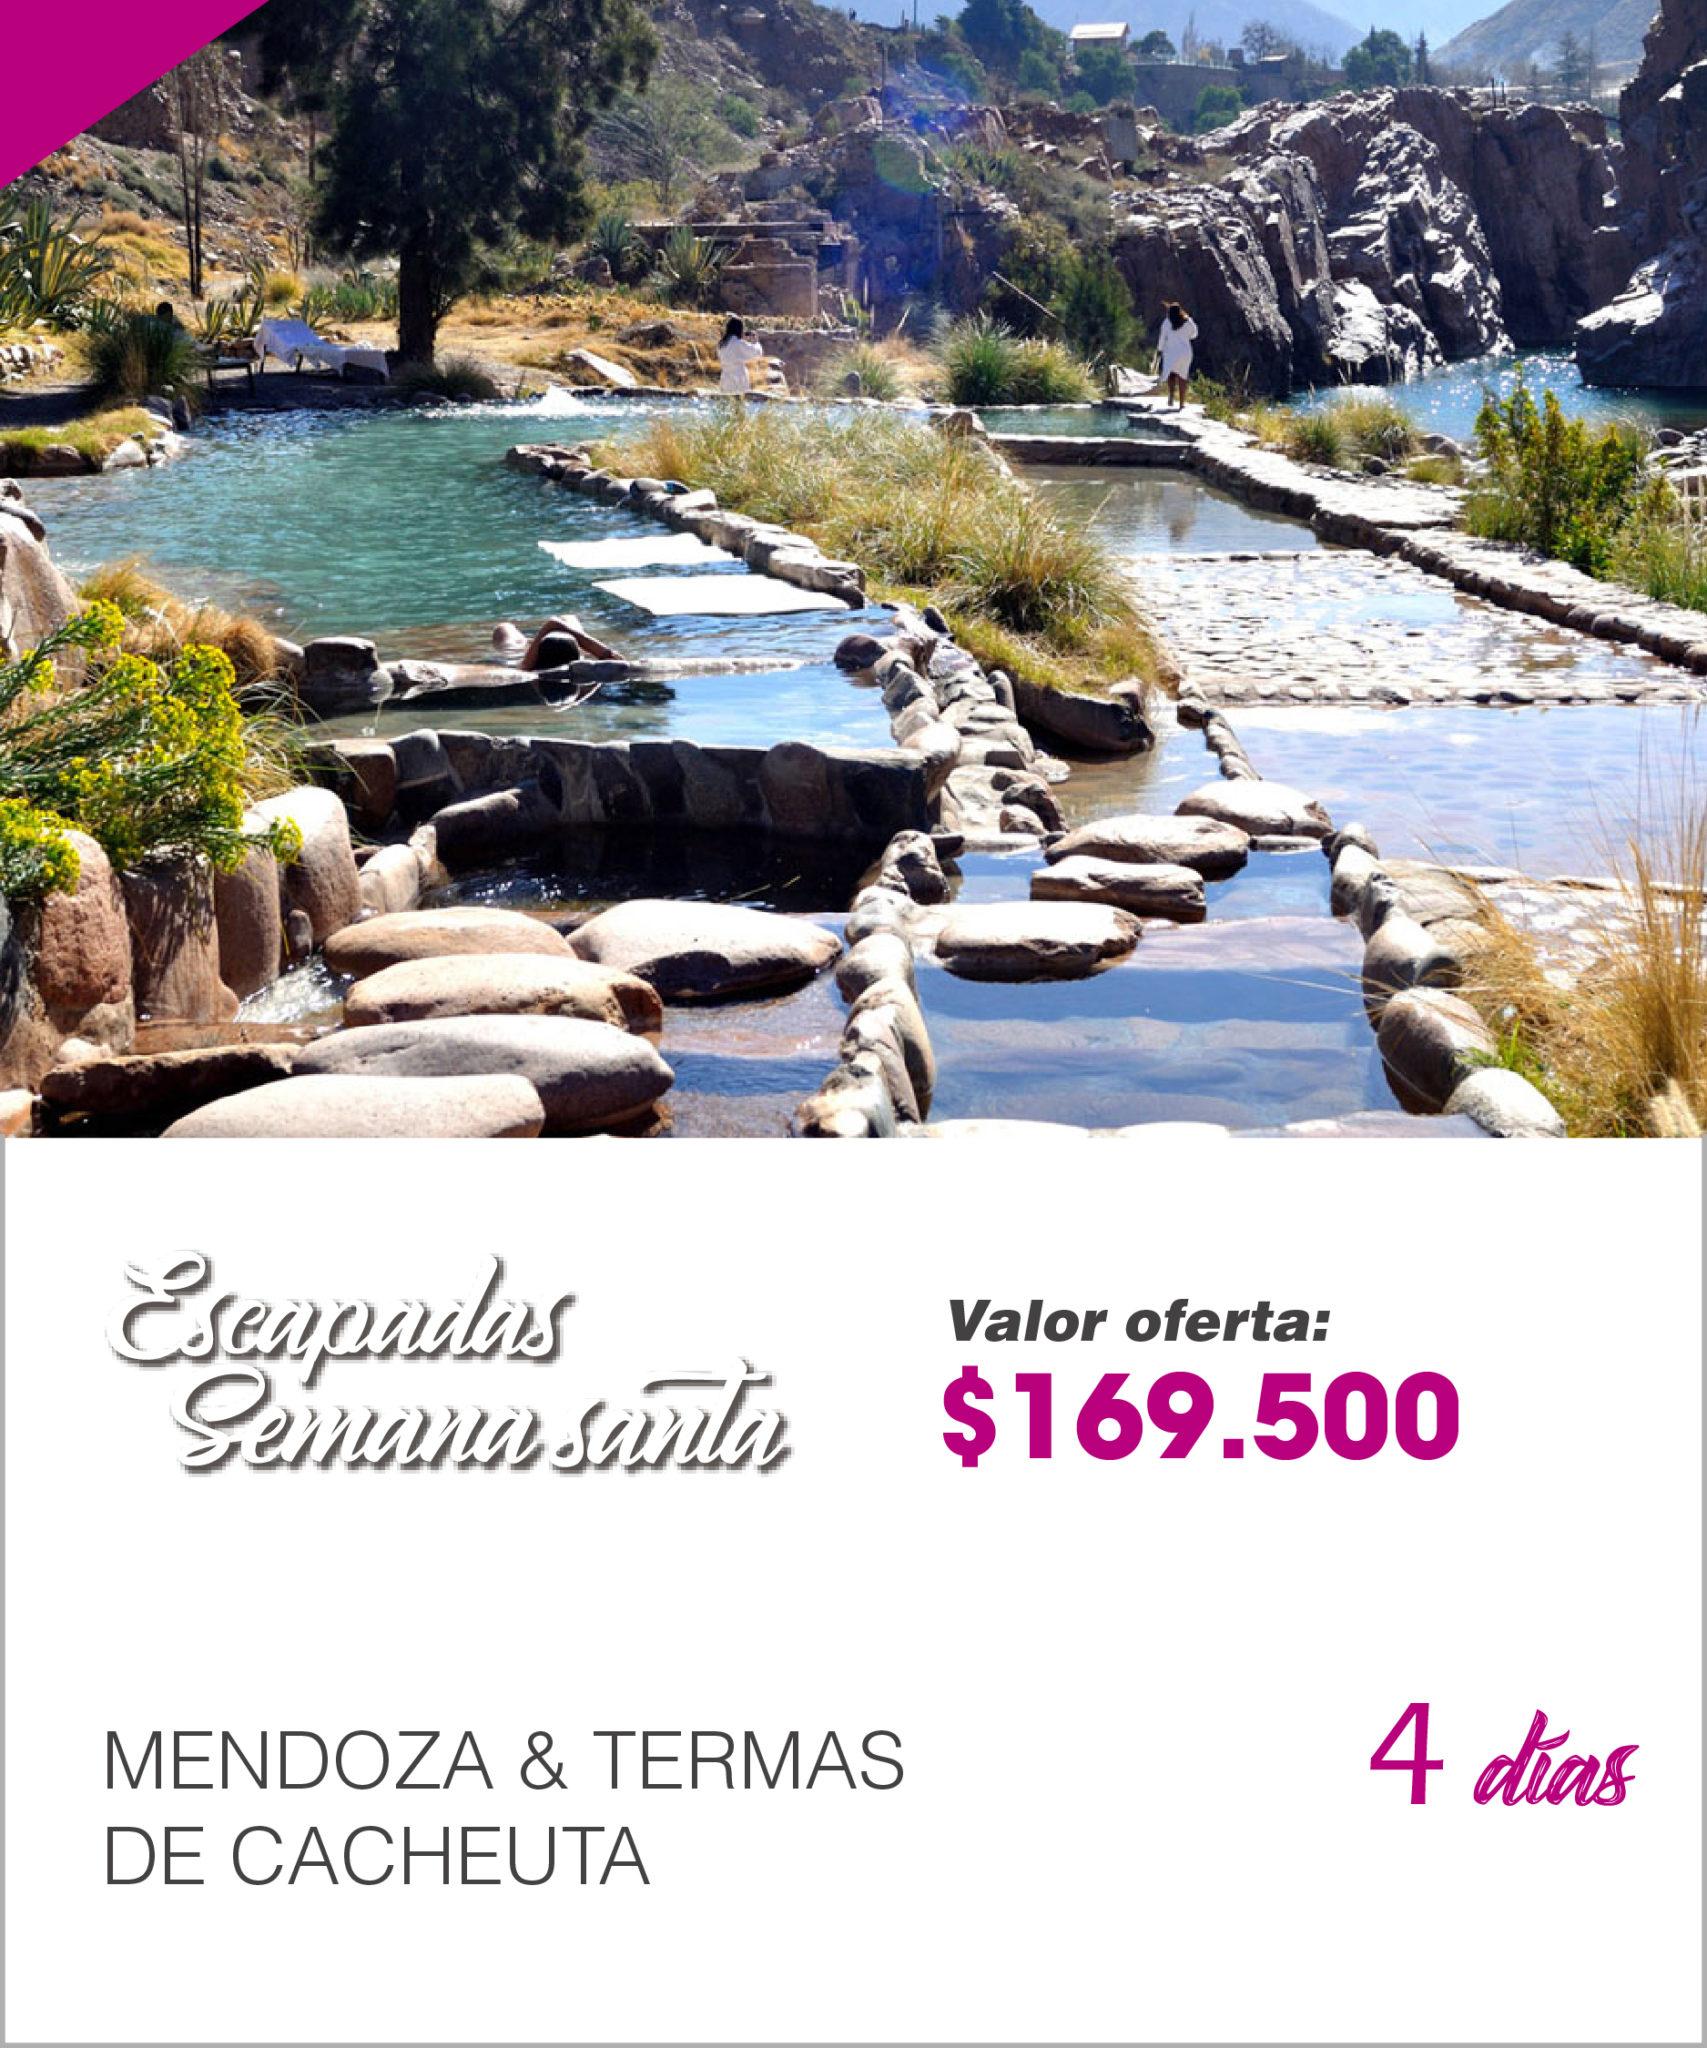 MENDOZA & TERMAS DE CACHEUTA